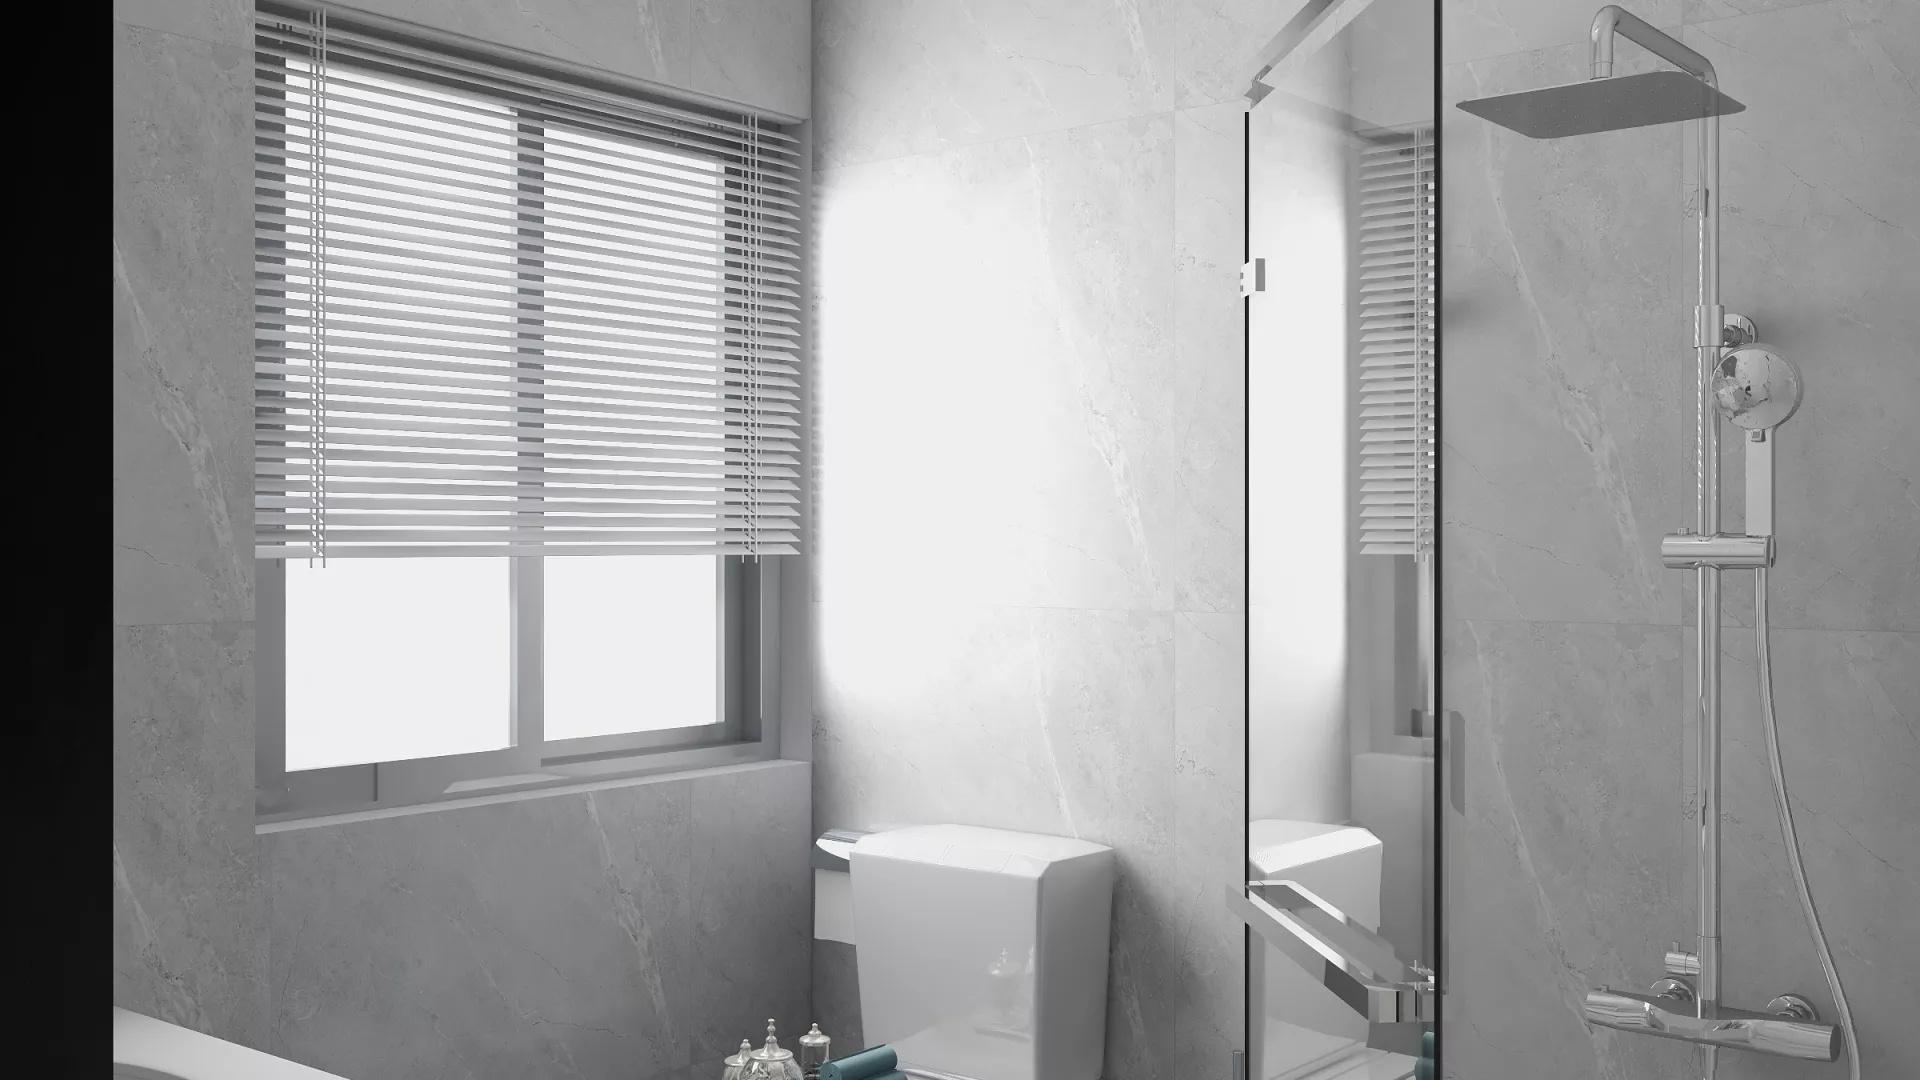 家居不同空间如何搭配照明?家居空间怎么搭配照明灯?